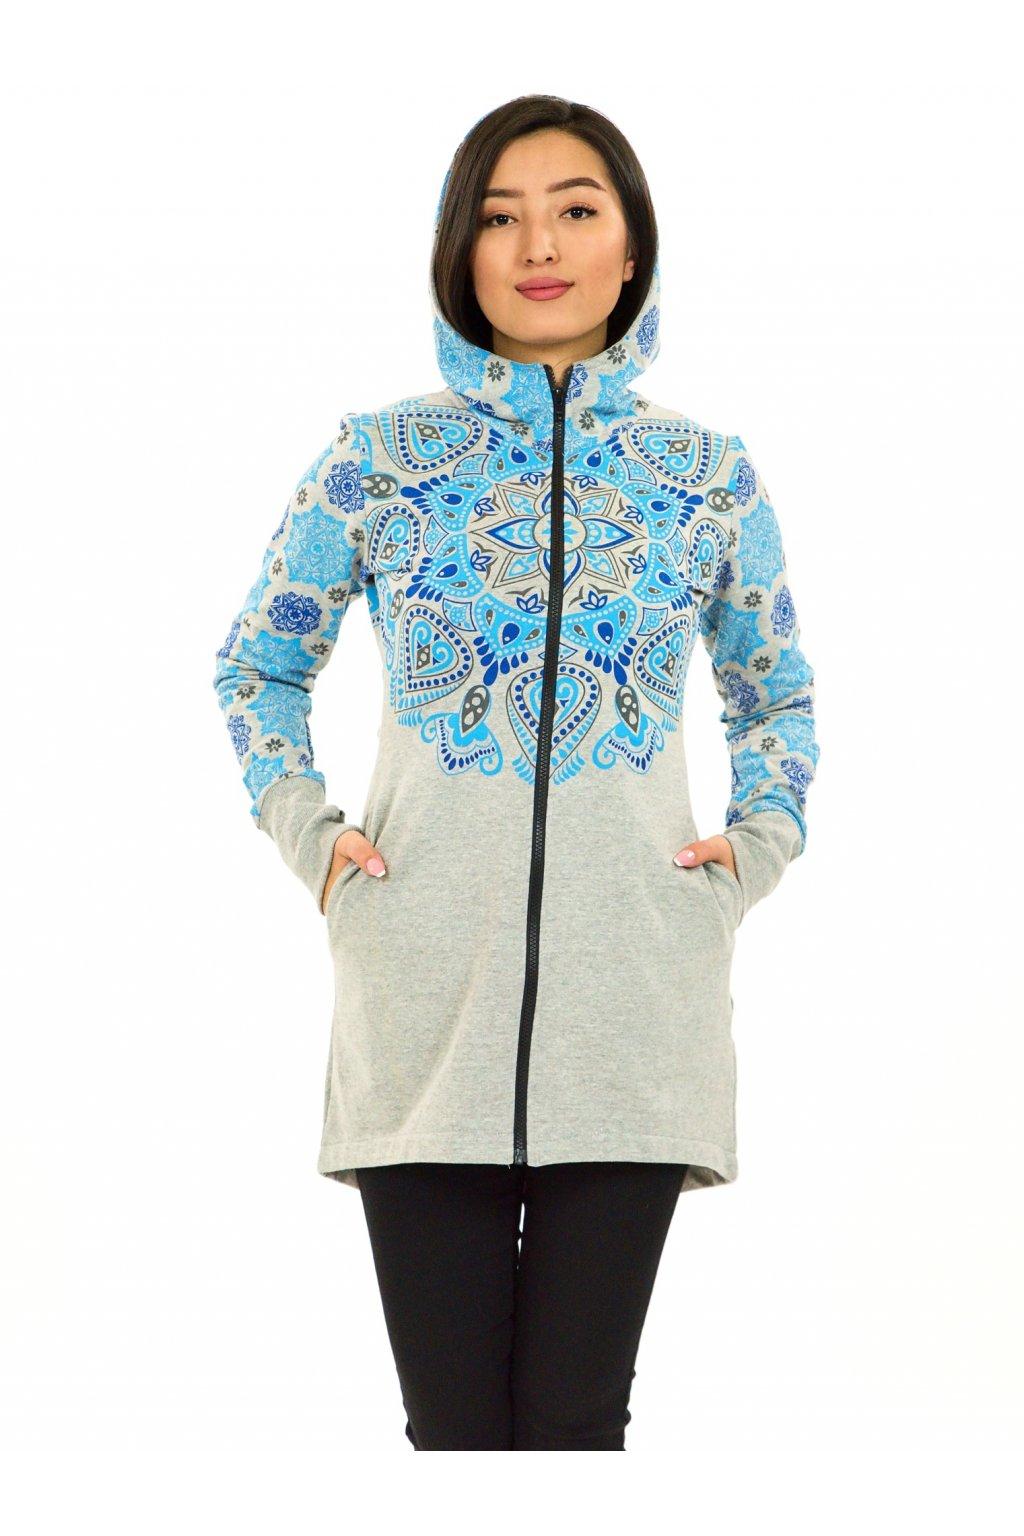 Prodloužená mikina na zip s kapucí Kiana - šedá s tyrkysovou